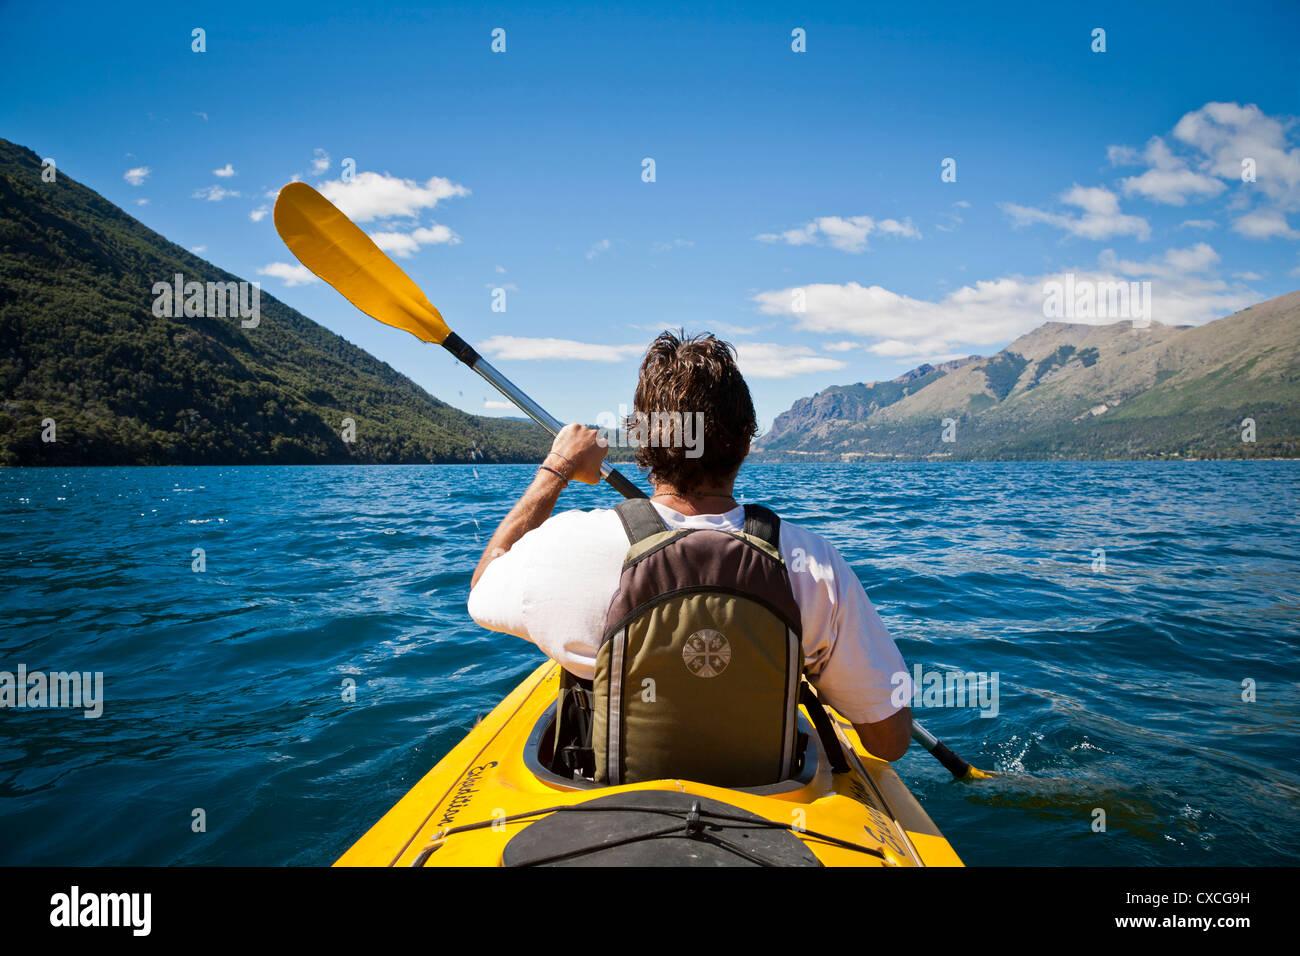 En Guttierez Kayakying lago en la Estancia Peuma Hue, distrito de Los Lagos, Patagonia, Argentina. Imagen De Stock